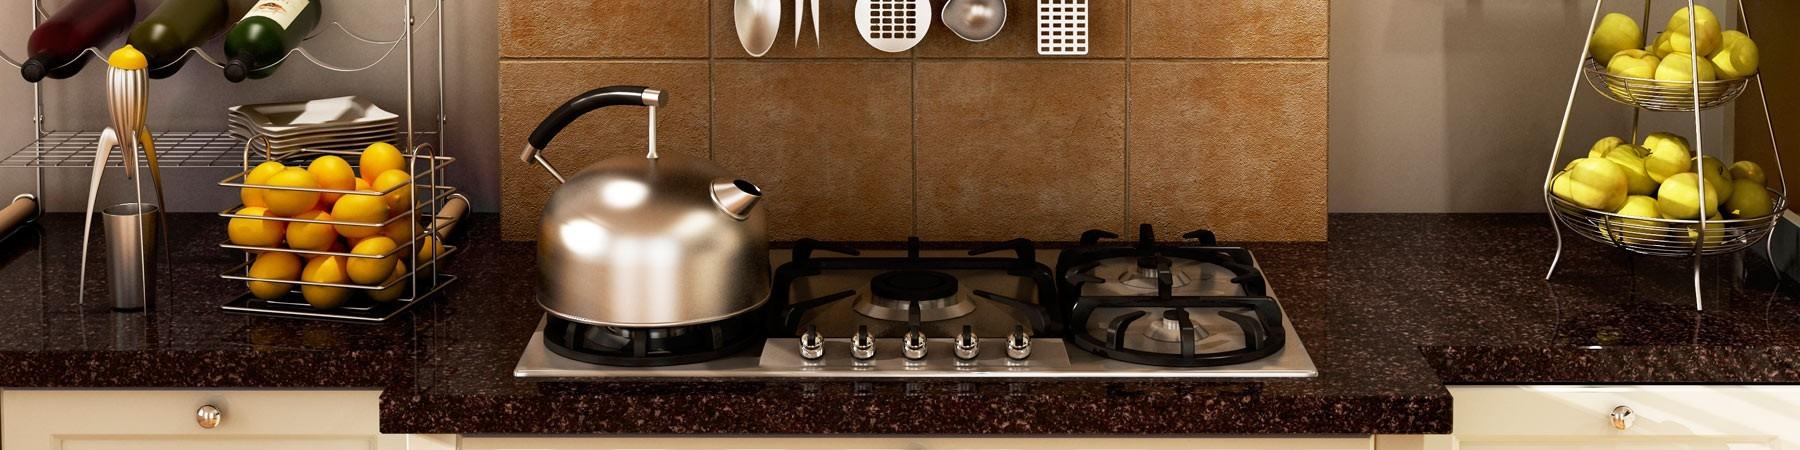 Nồi cơm điện, nồi áp suất dùng nấu bếp, bữa cơm gia đình. Chính hãng.